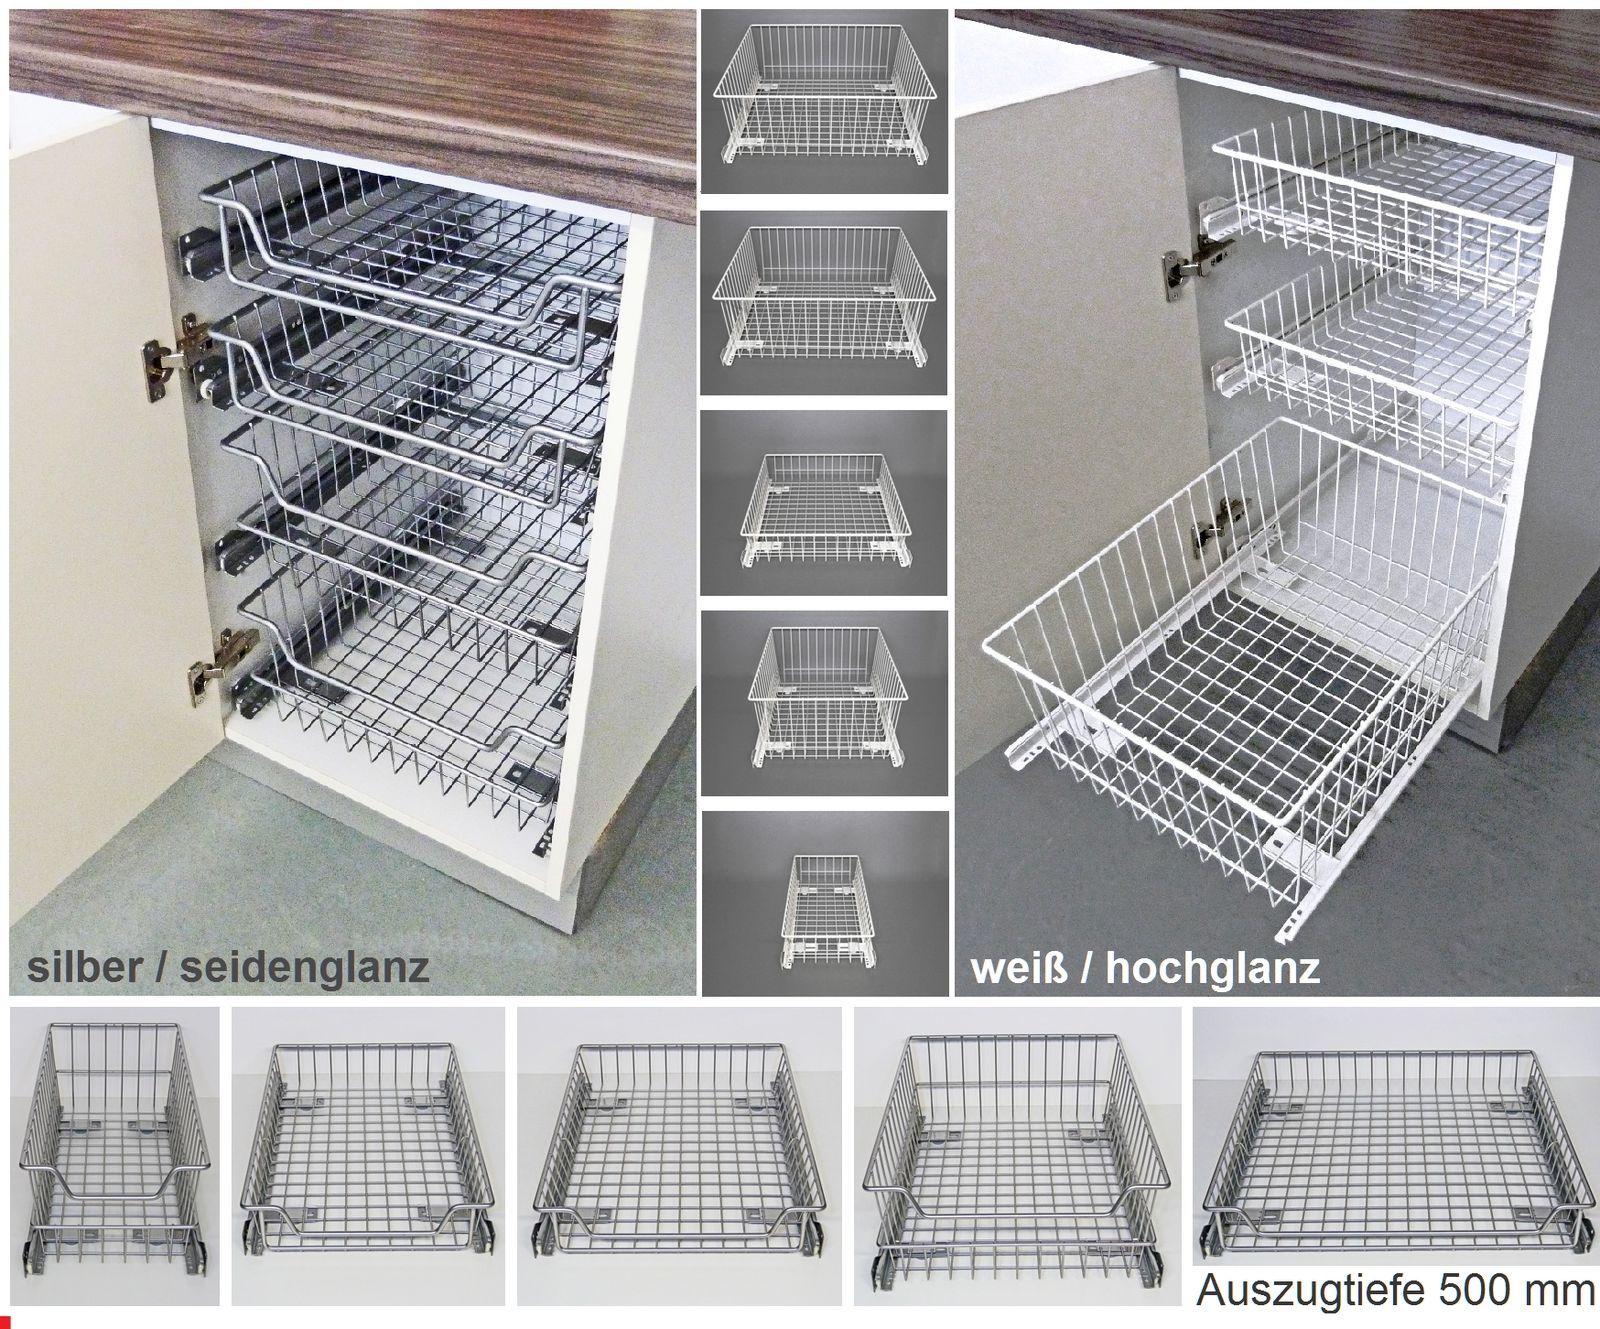 In Jeden Küchen  Unterschrank, Hochschrank Oder Apothekerschrank  Einzusetzen. Der Gitterboden Des Auszugkorbes Gewährleistet